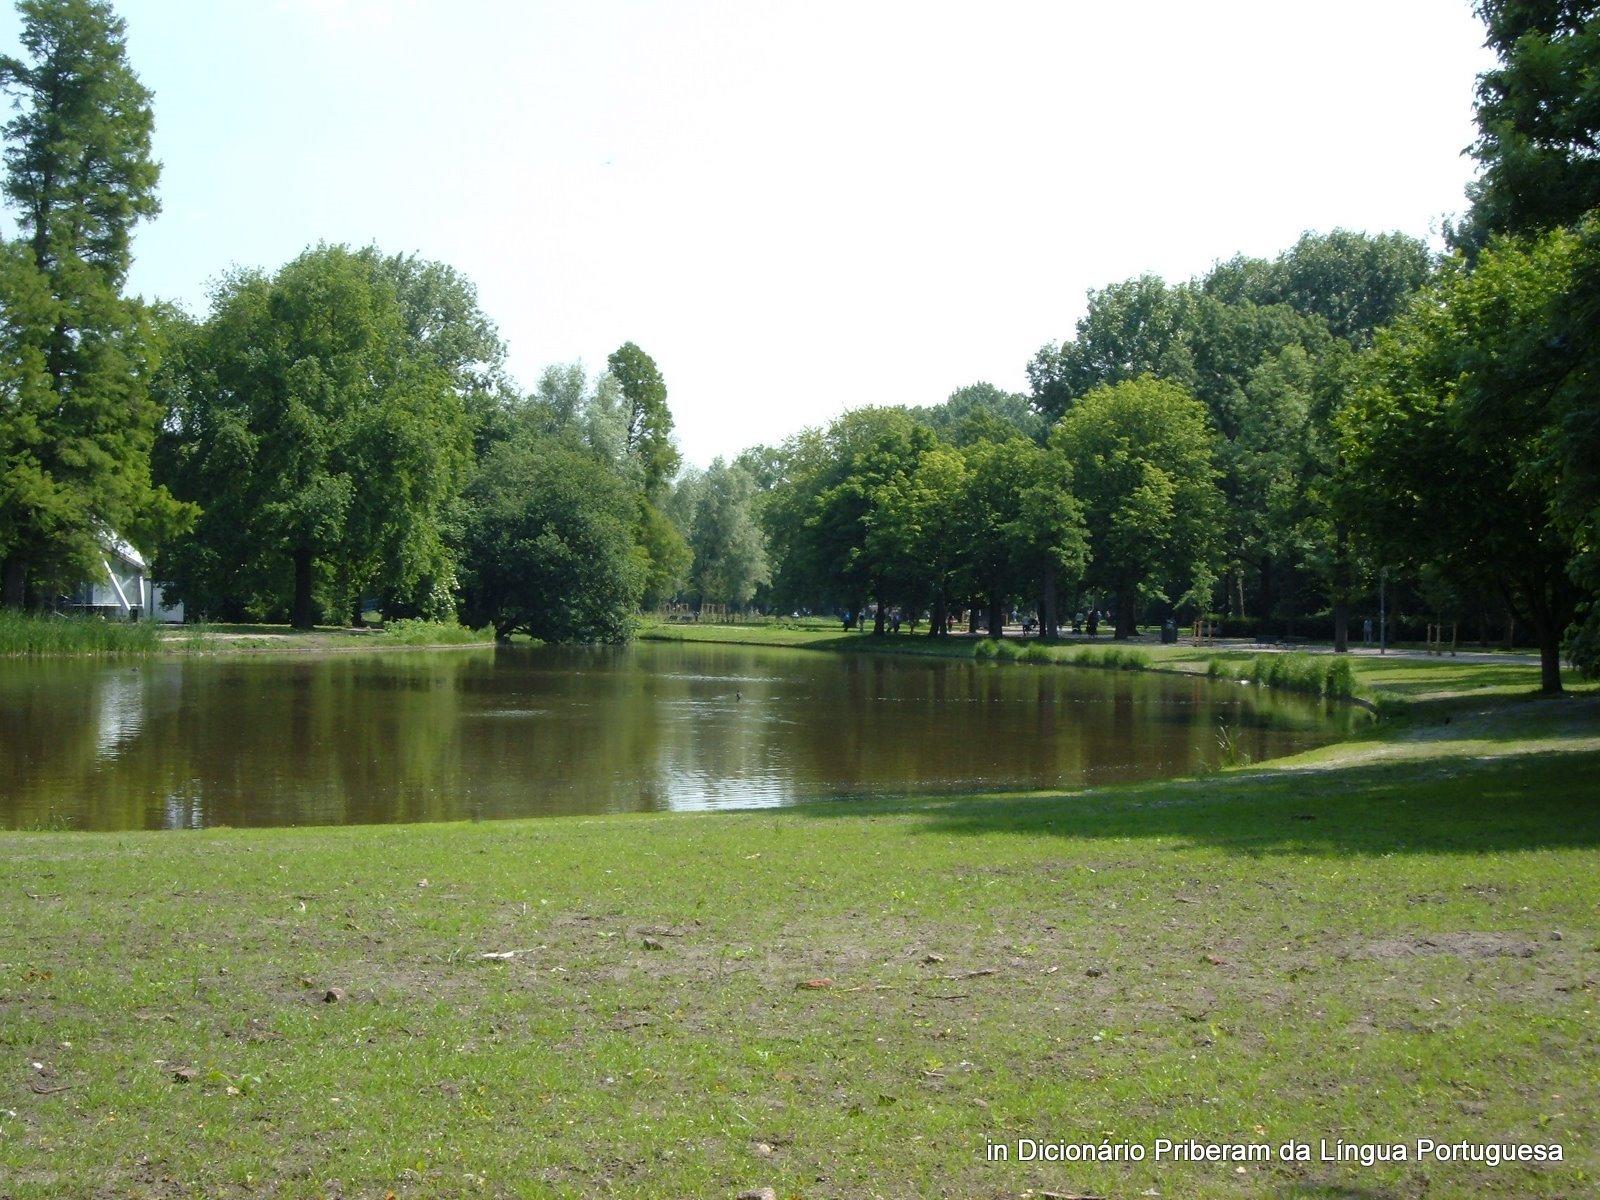 Significado defini o de lago no dicion rio priberam da - Lago lungo bagno di romagna ...